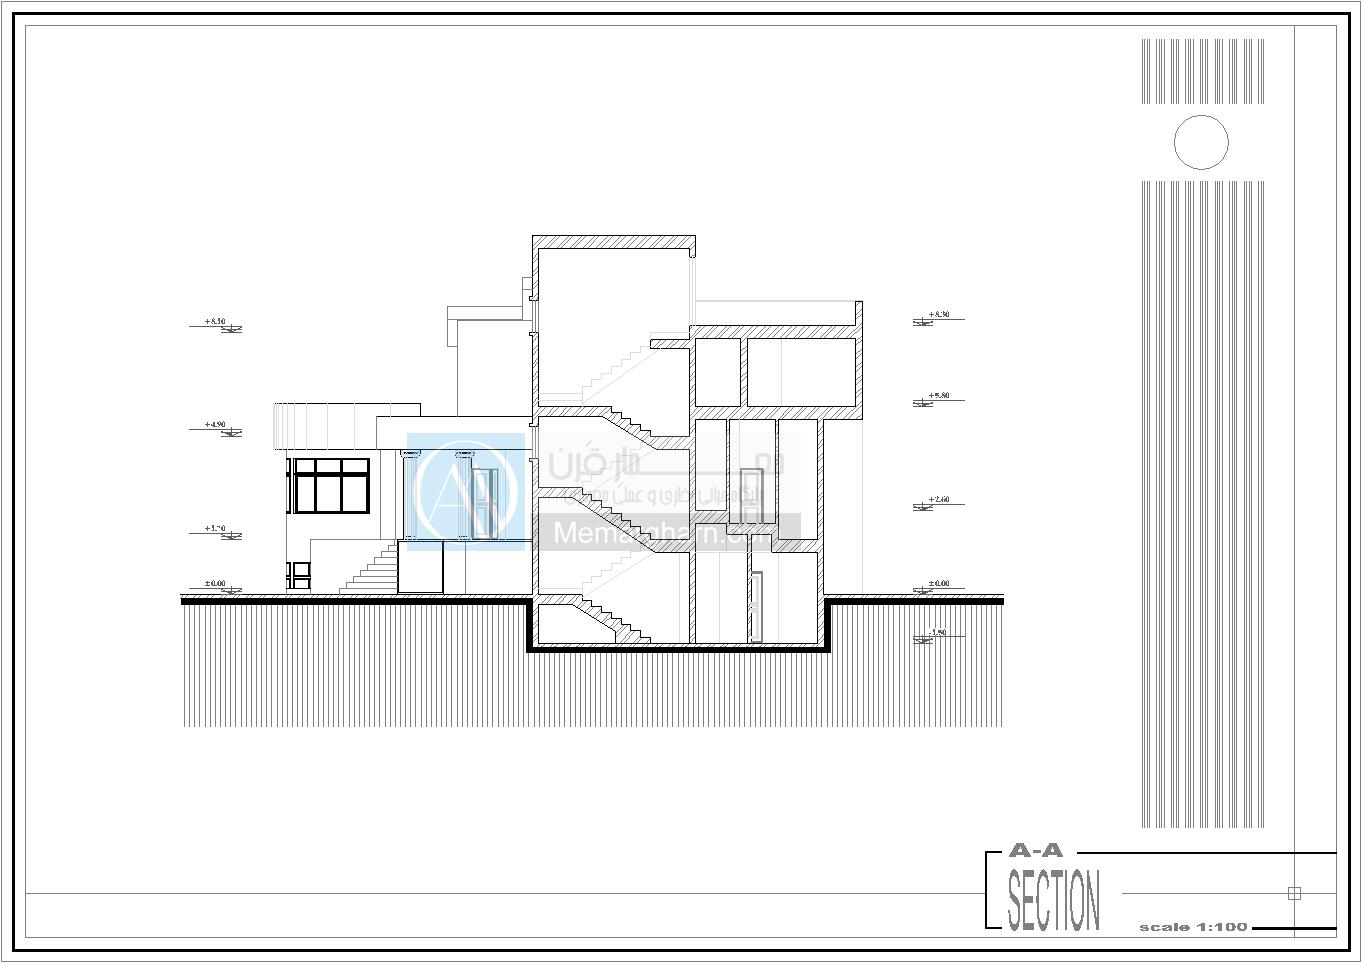 طراحی پلان ویلا سه طبقه